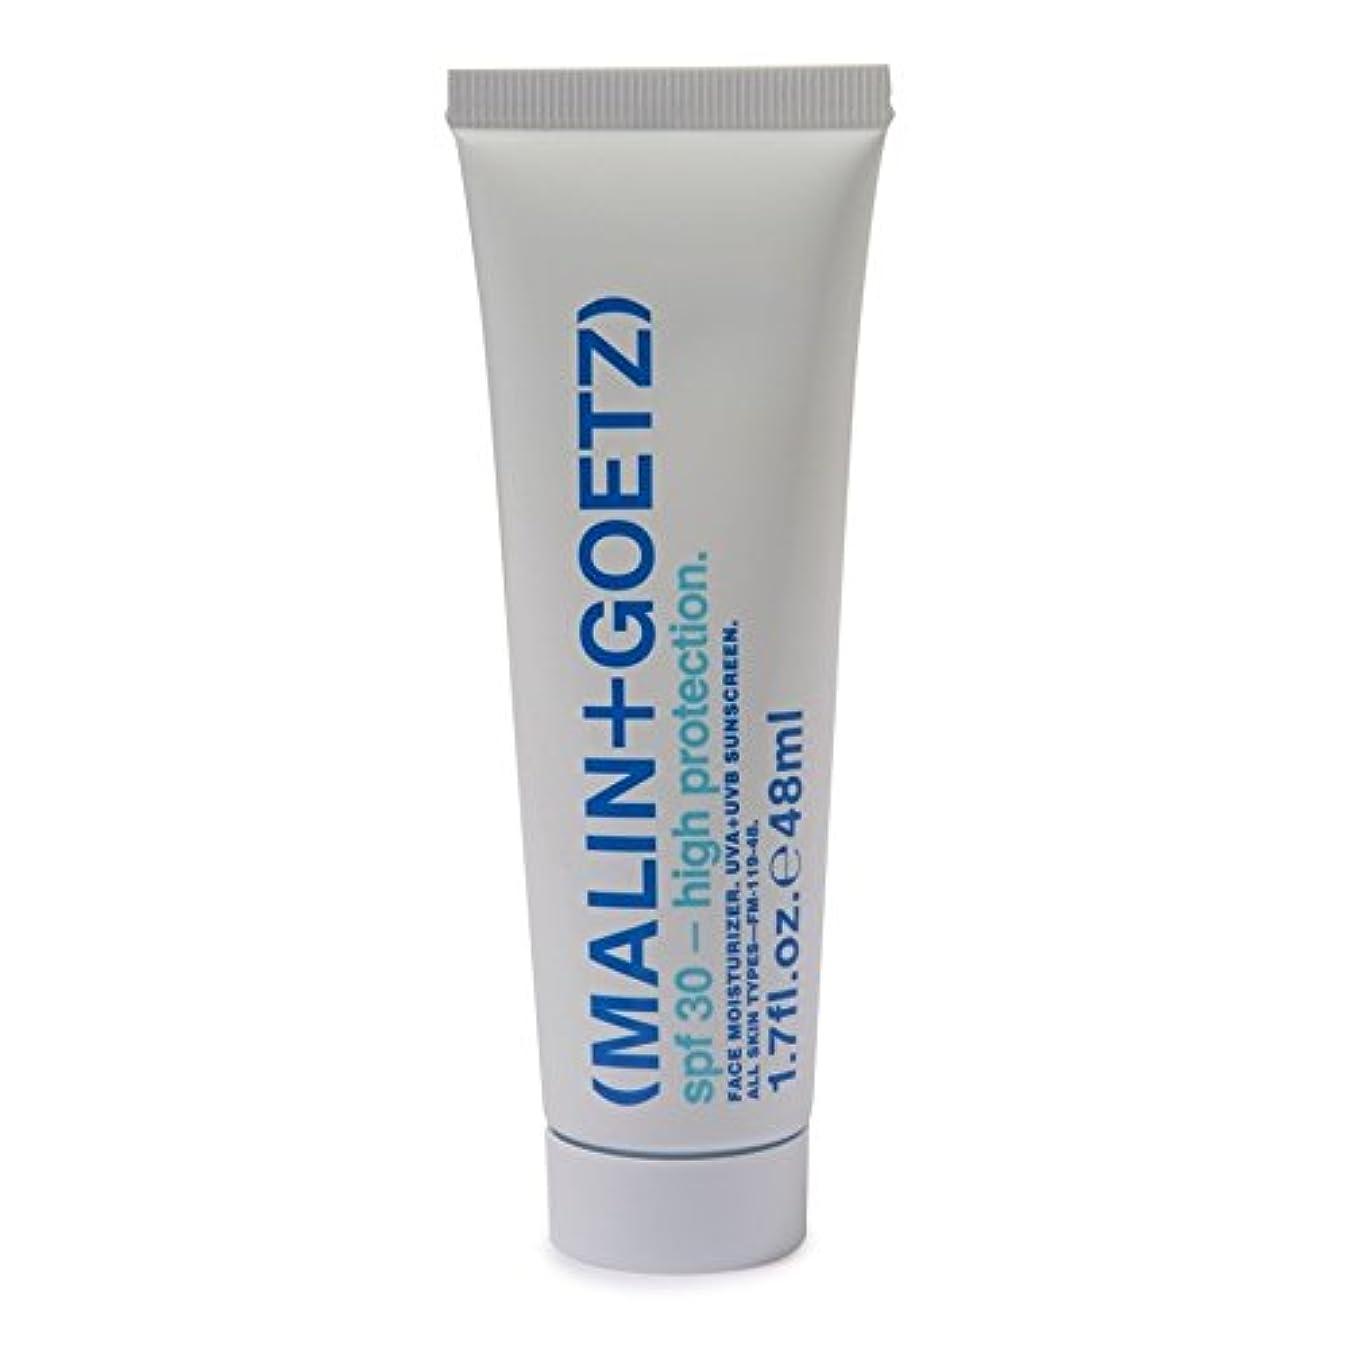 相互シャッフル助手マリン+ゲッツ顔の保湿剤の 30 48ミリリットル x4 - MALIN+GOETZ Face Moisturiser SPF 30 48ml (Pack of 4) [並行輸入品]